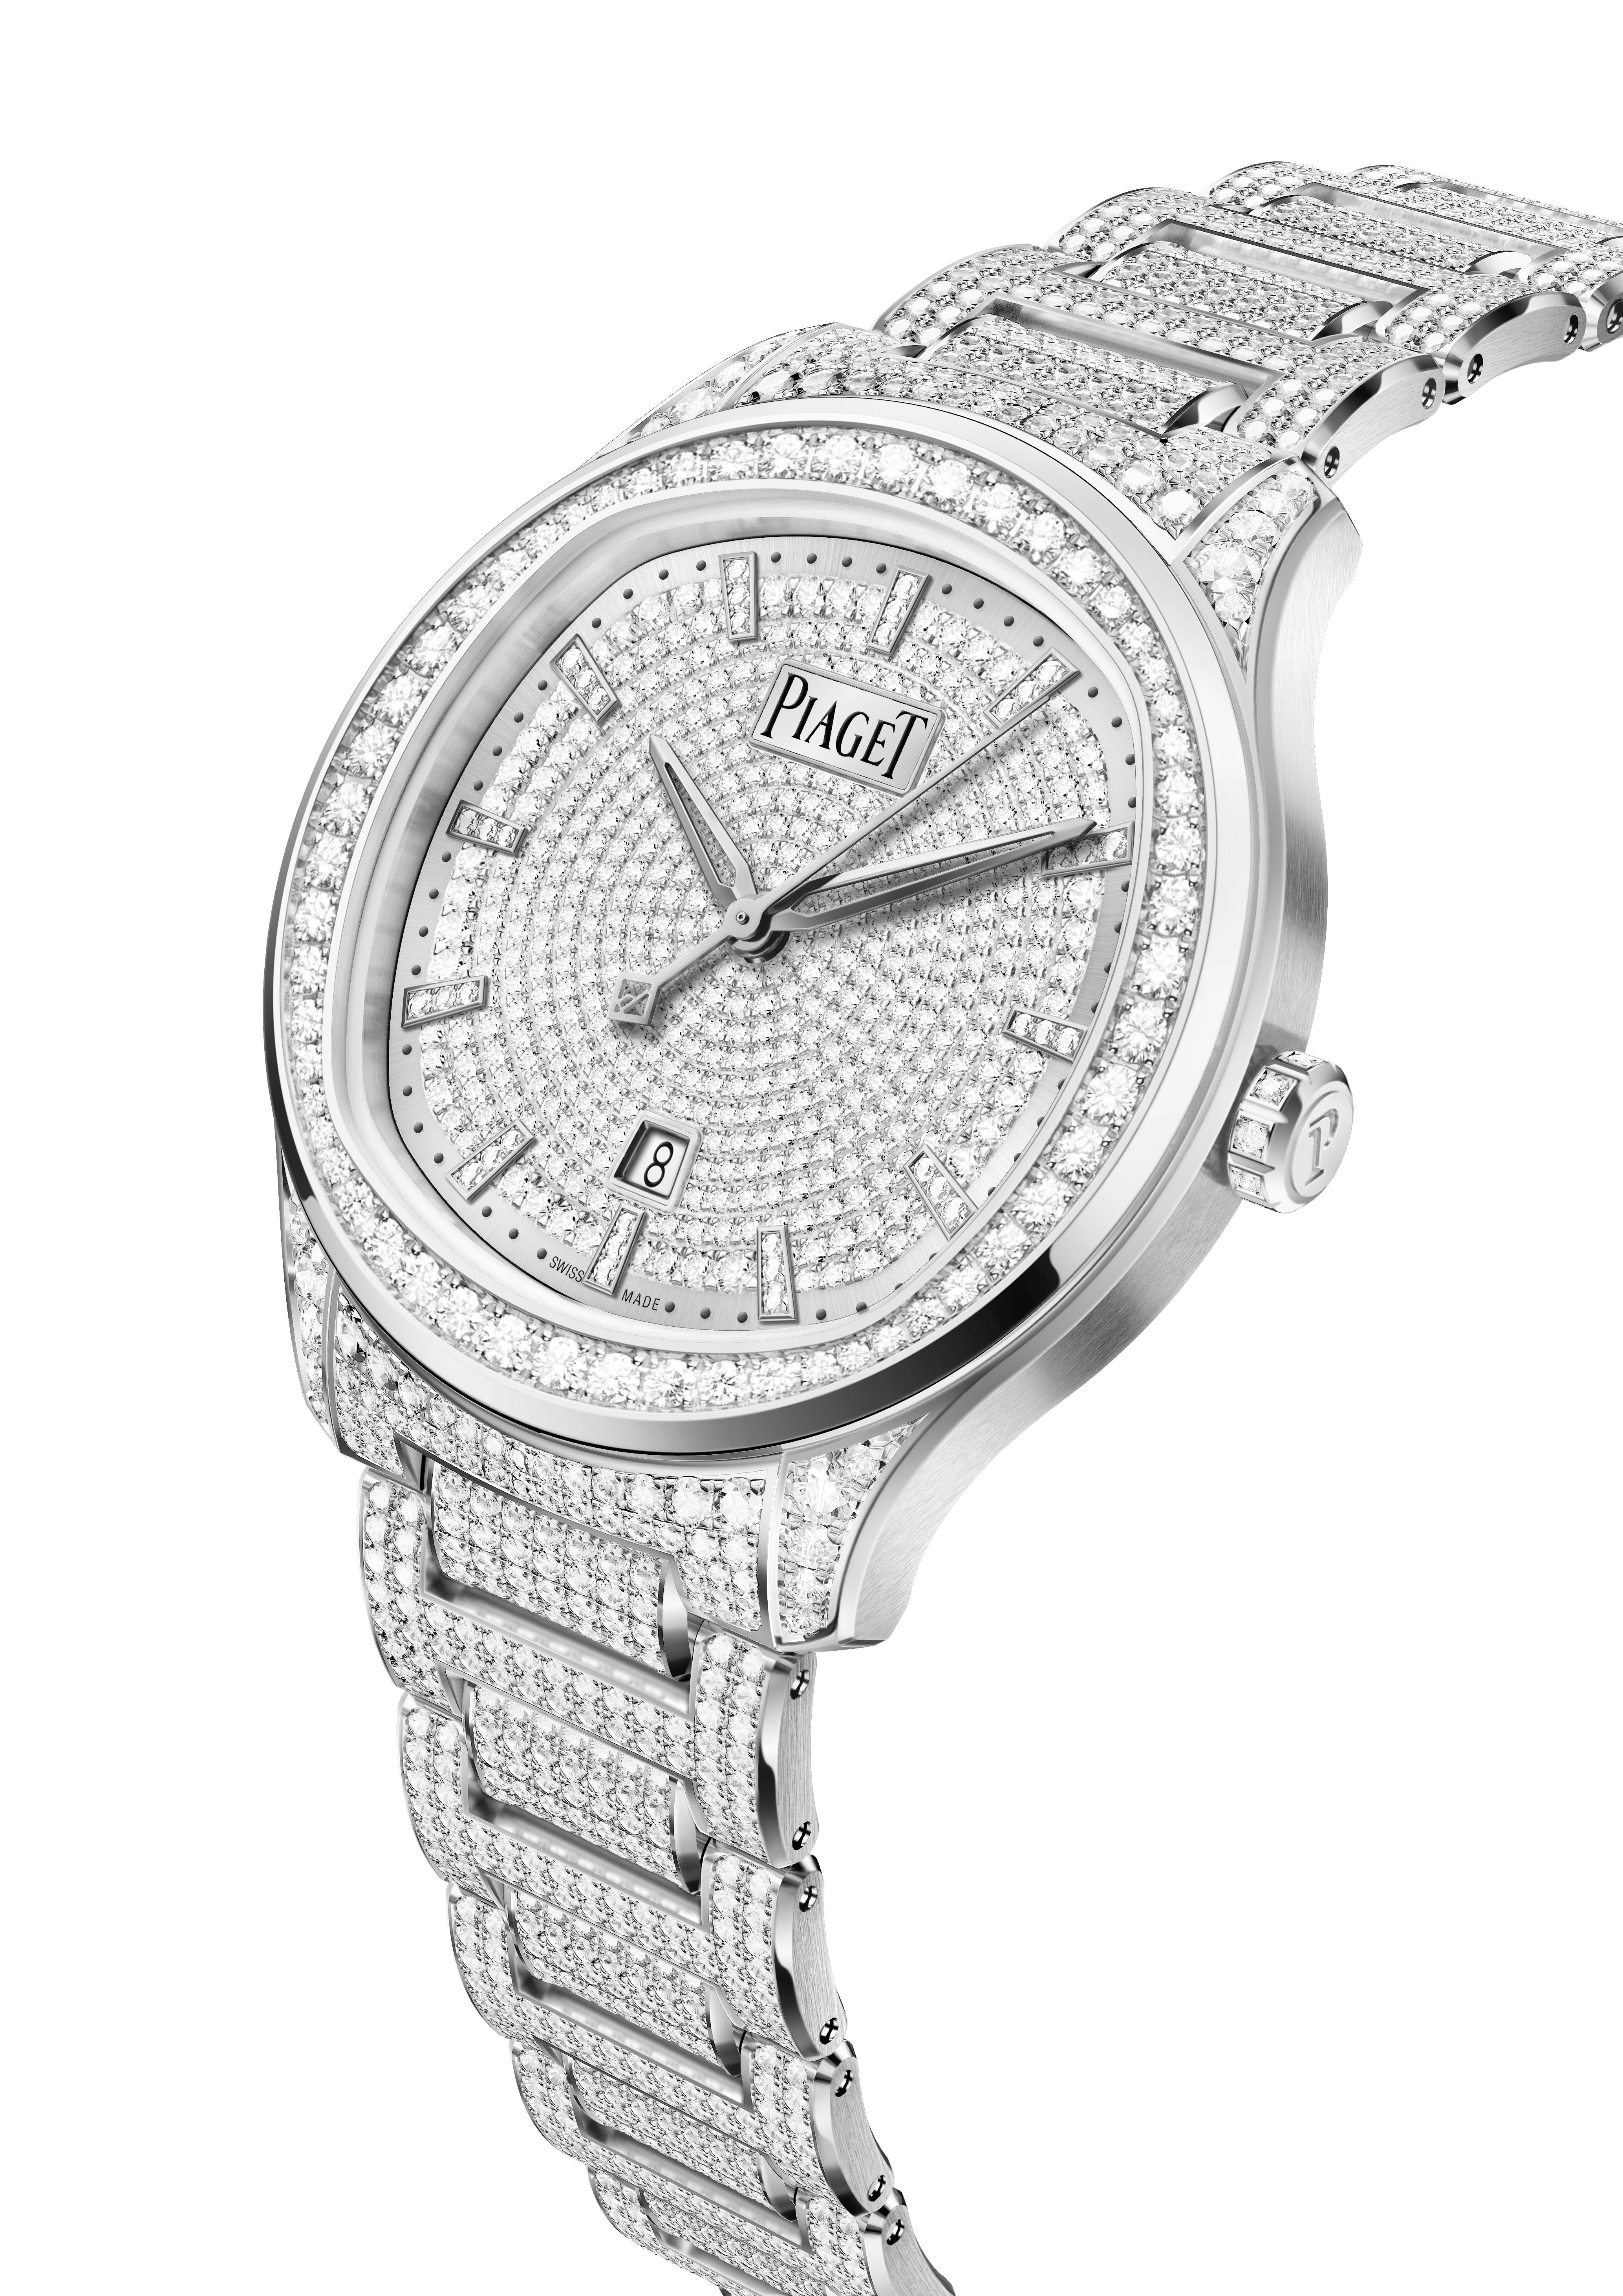 Đã xuất hiện chiếc đồng hồ nữ đầu tiên trong BST Piaget Polo lịch sử - Ảnh 3